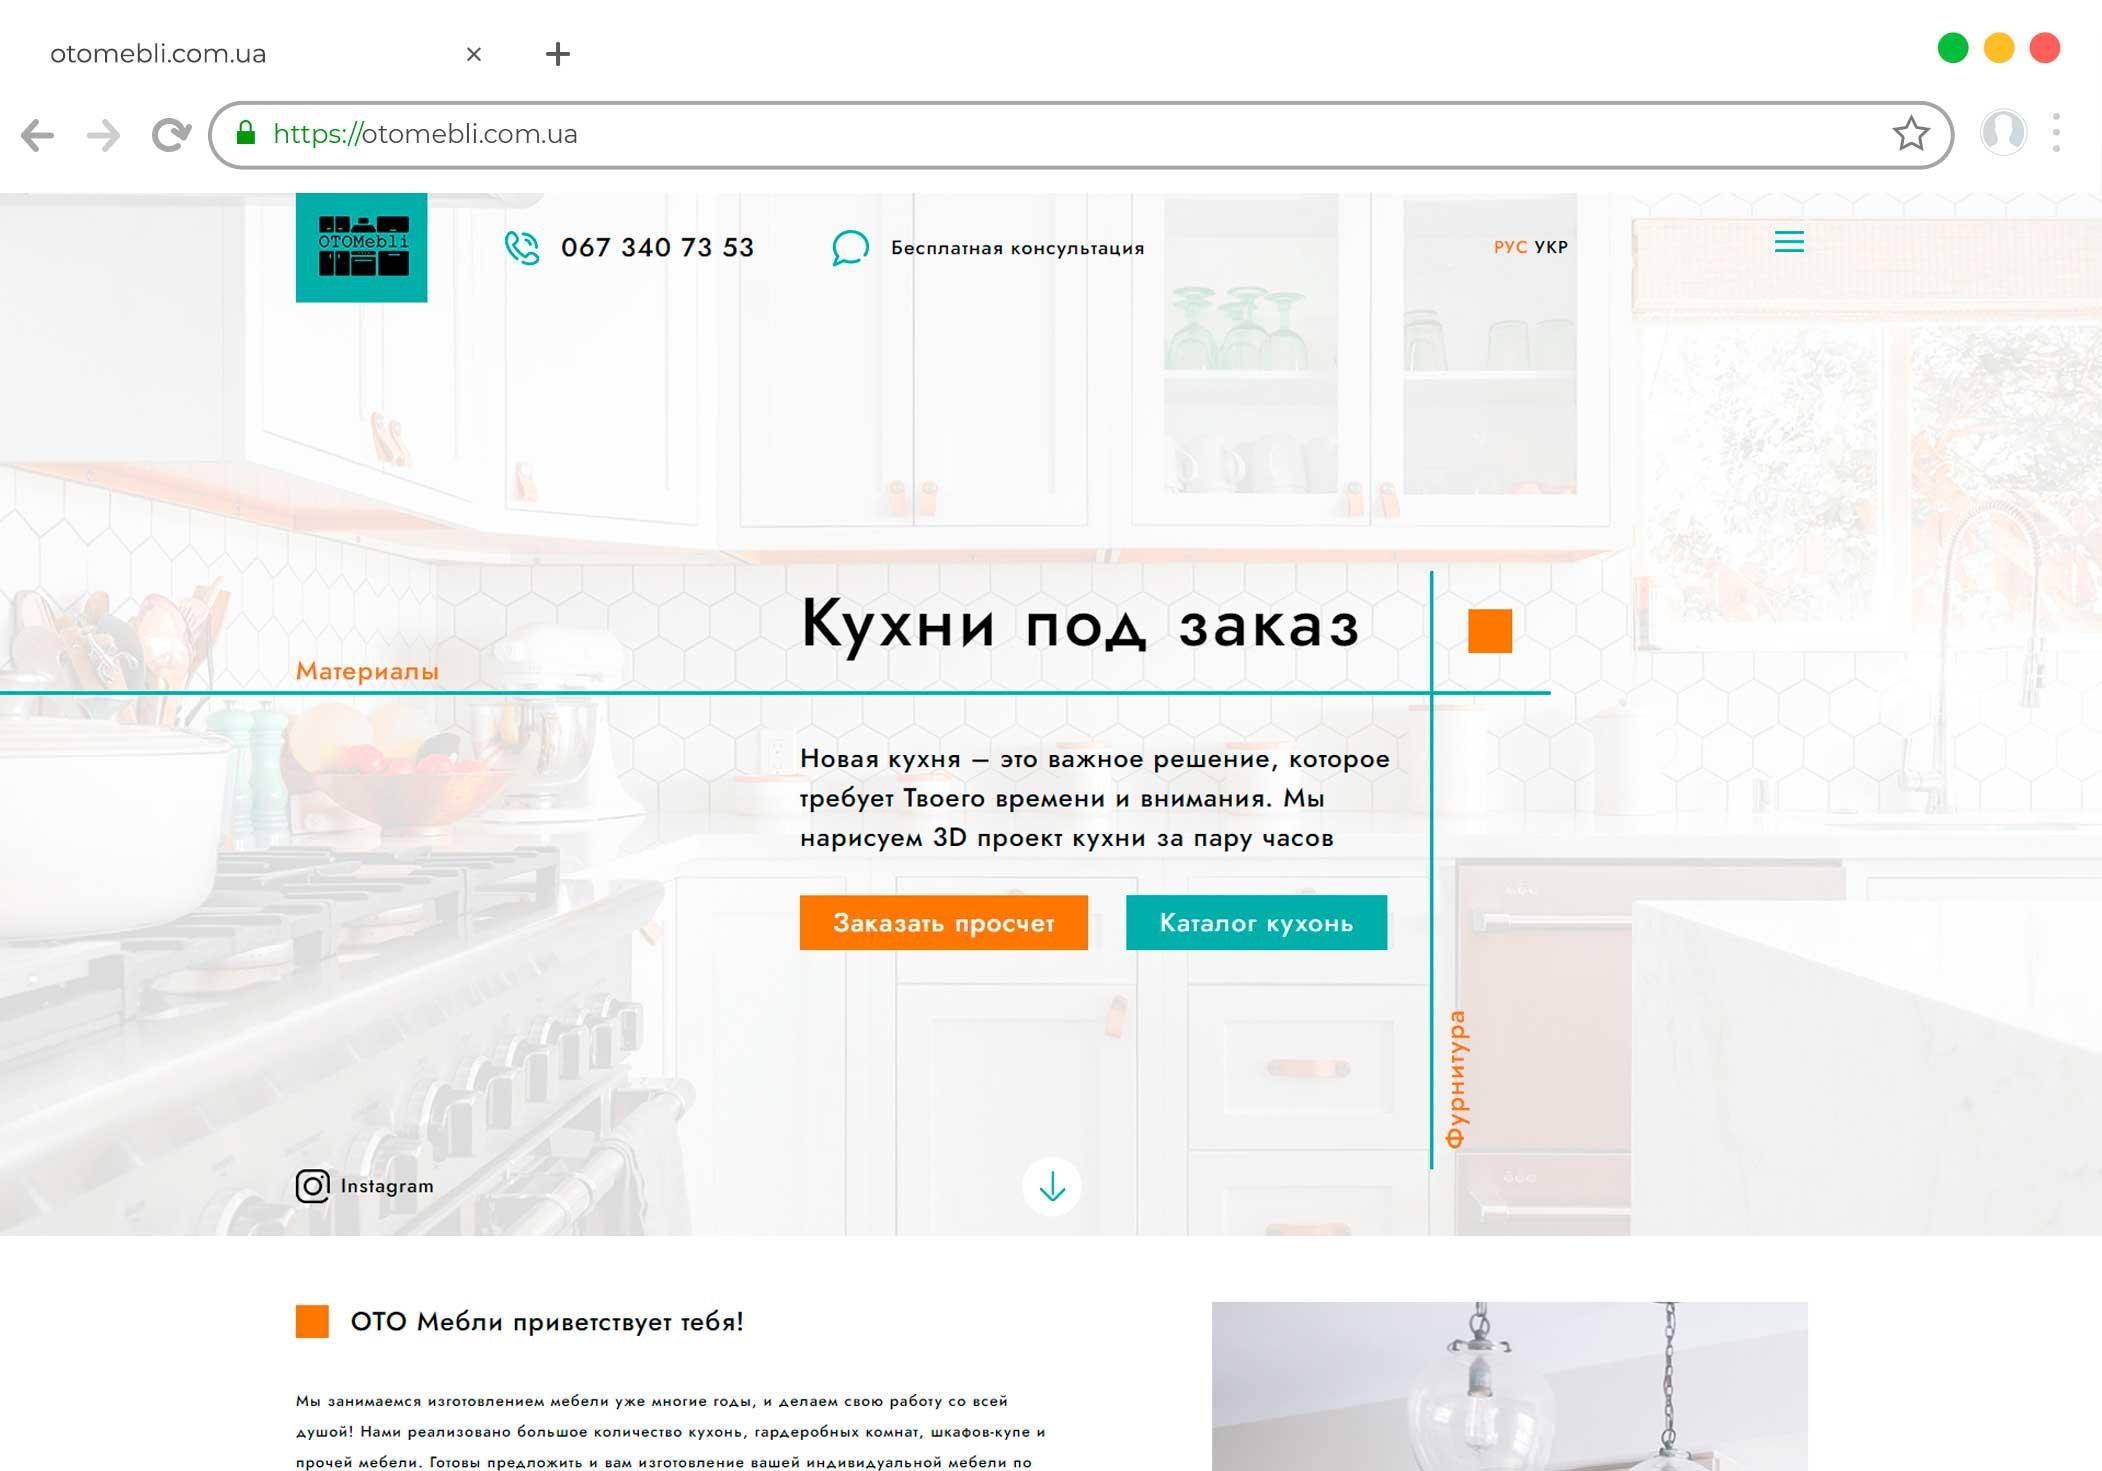 Создание сайта по изготовлении кухонь на заказ otomebli.com.ua